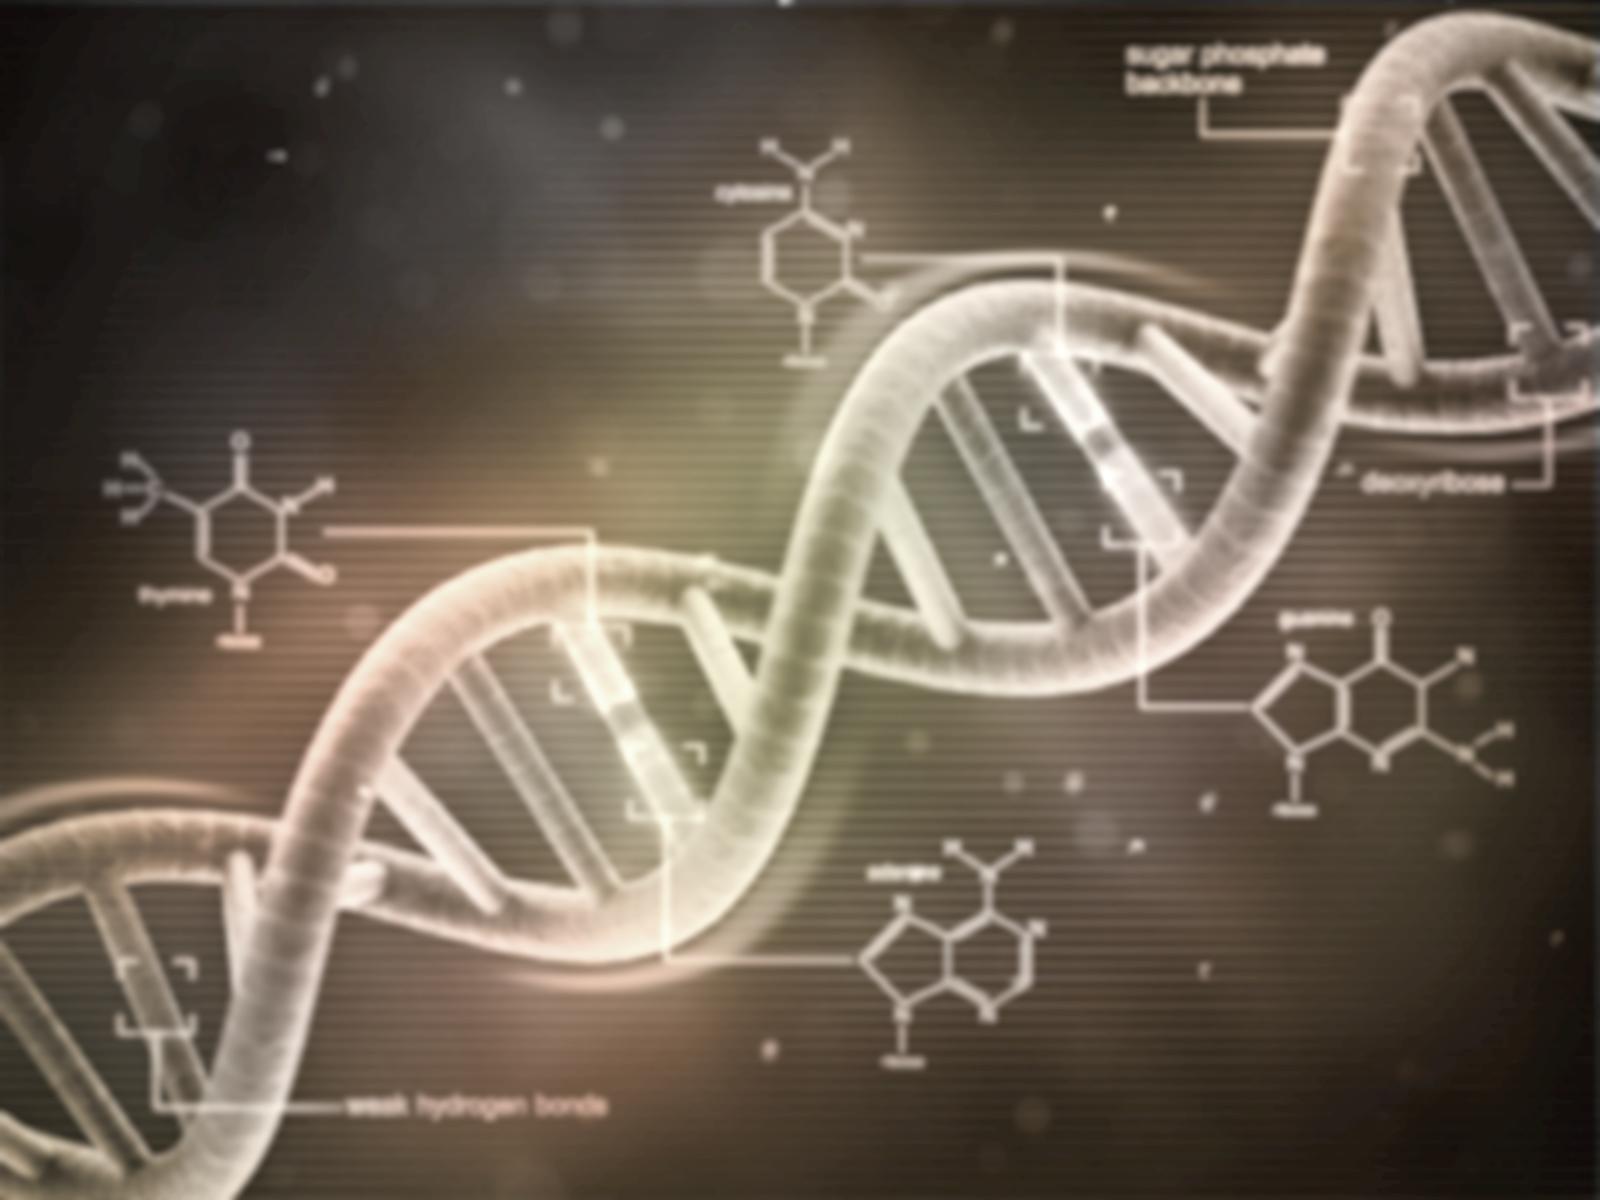 Biochemistry Wallpaper - WallpaperSafari | 1600 x 1200 png 1103kB